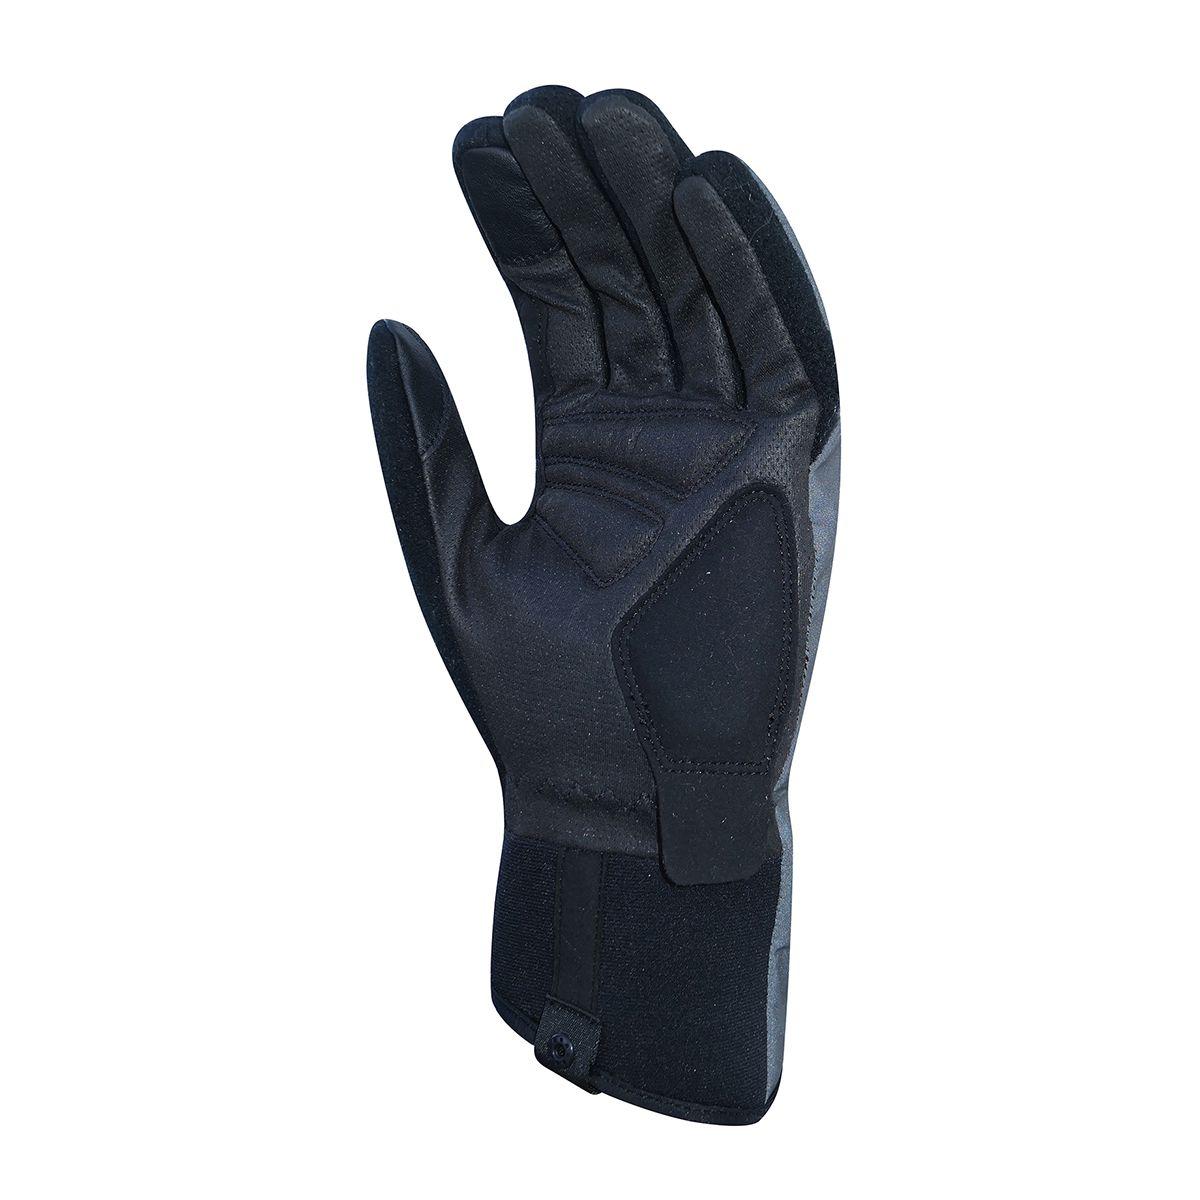 CHIBA Pro Safety Winter Fahrradhandschuhe 31519 schwarz